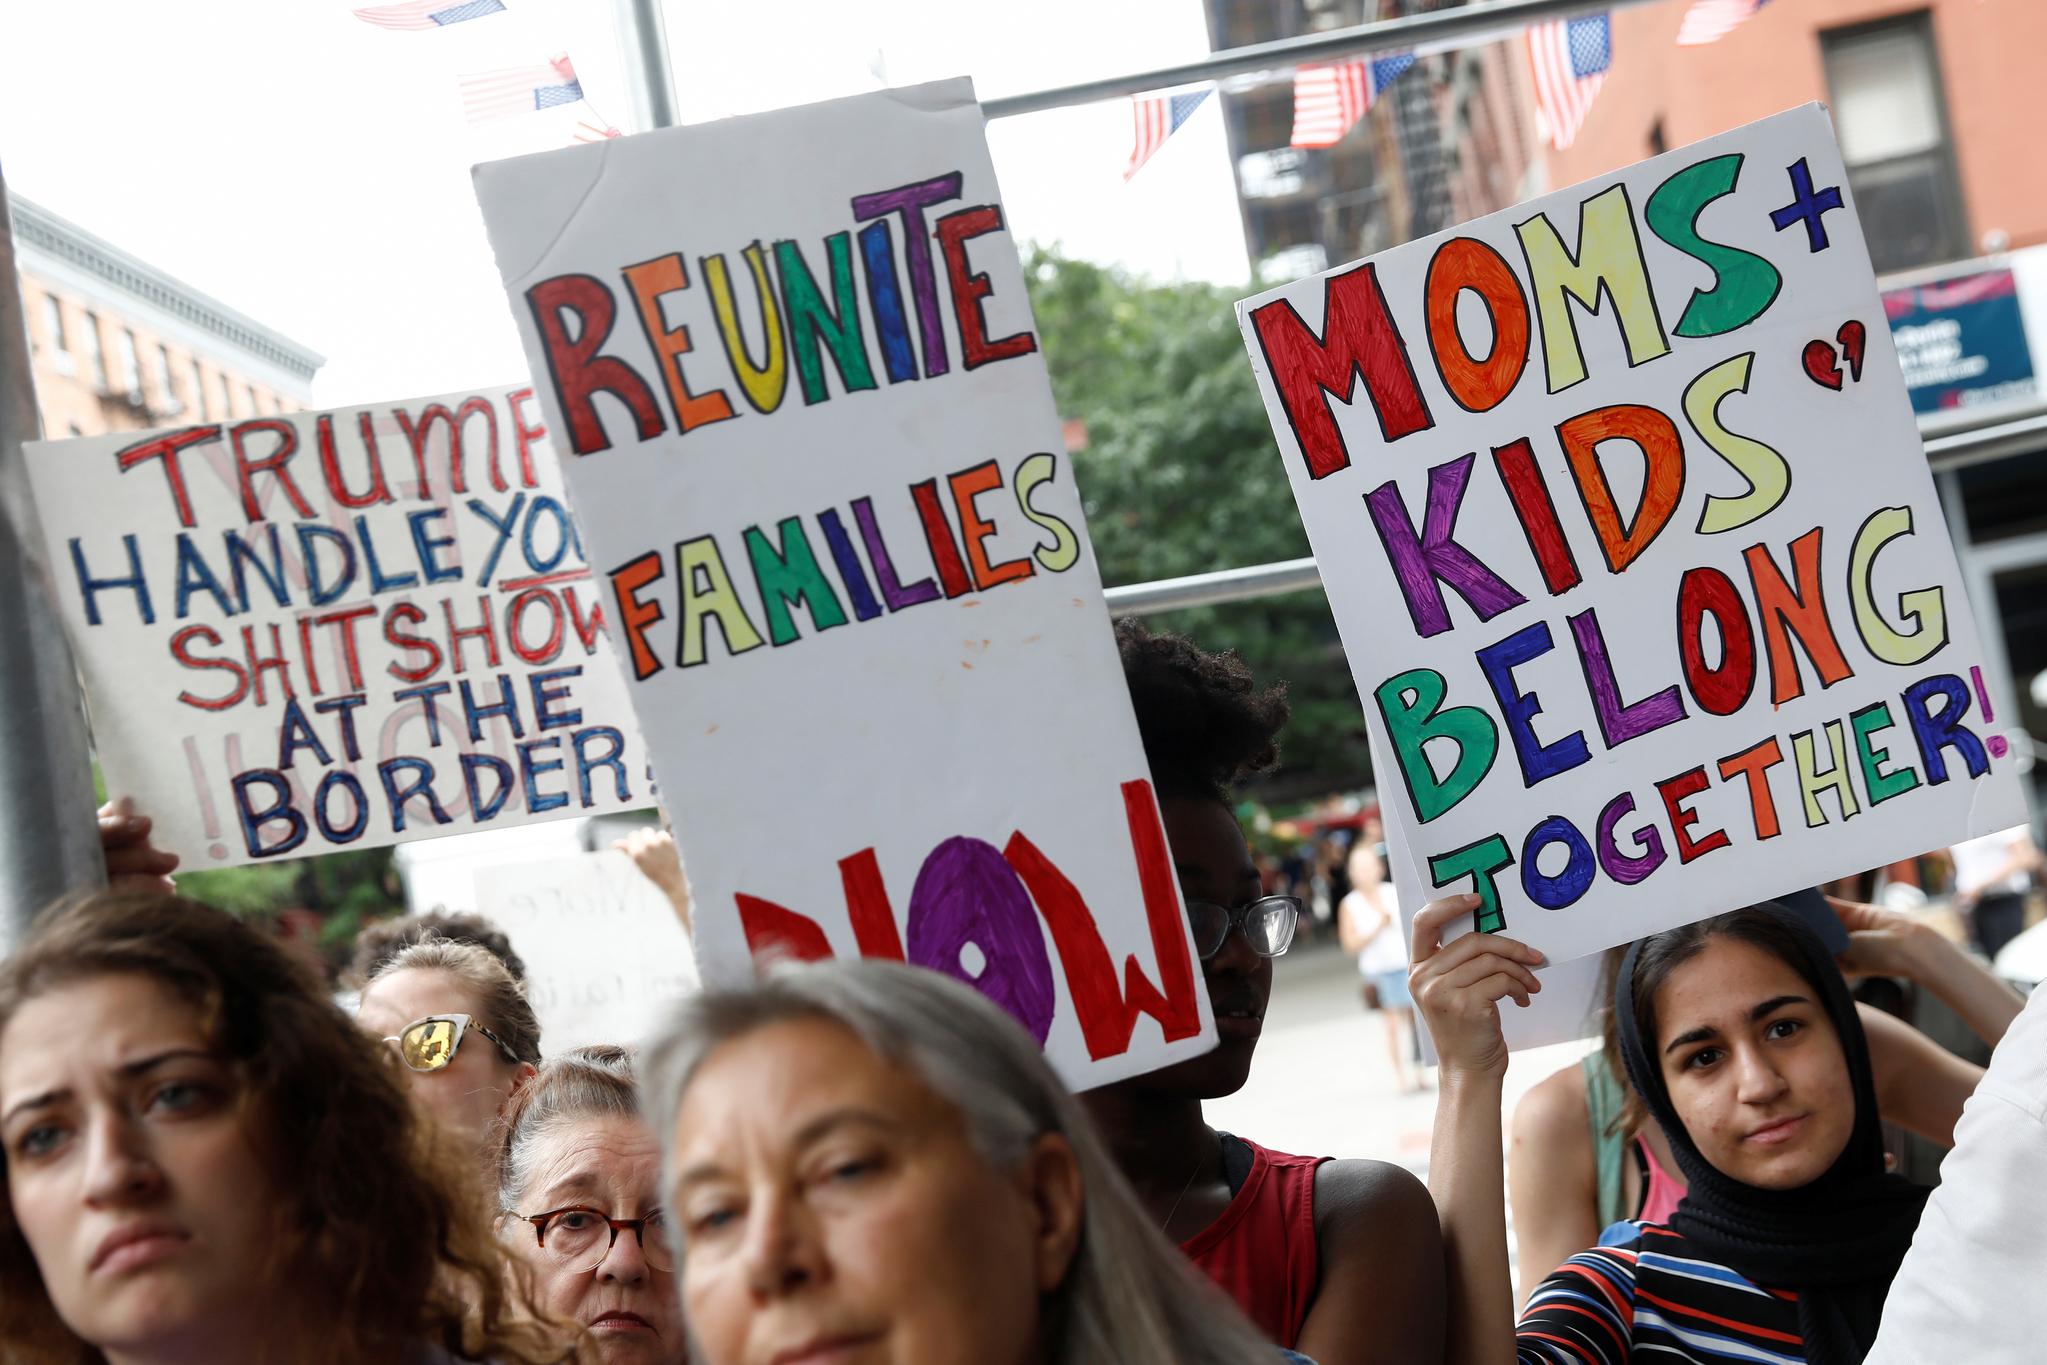 2일(현지시간) 미국 뉴욕에서 시민들이 비인간적인 이민자 구금시설의 폐쇄를 요구하는 시위를 하고 있다. [로이터=연합뉴스]